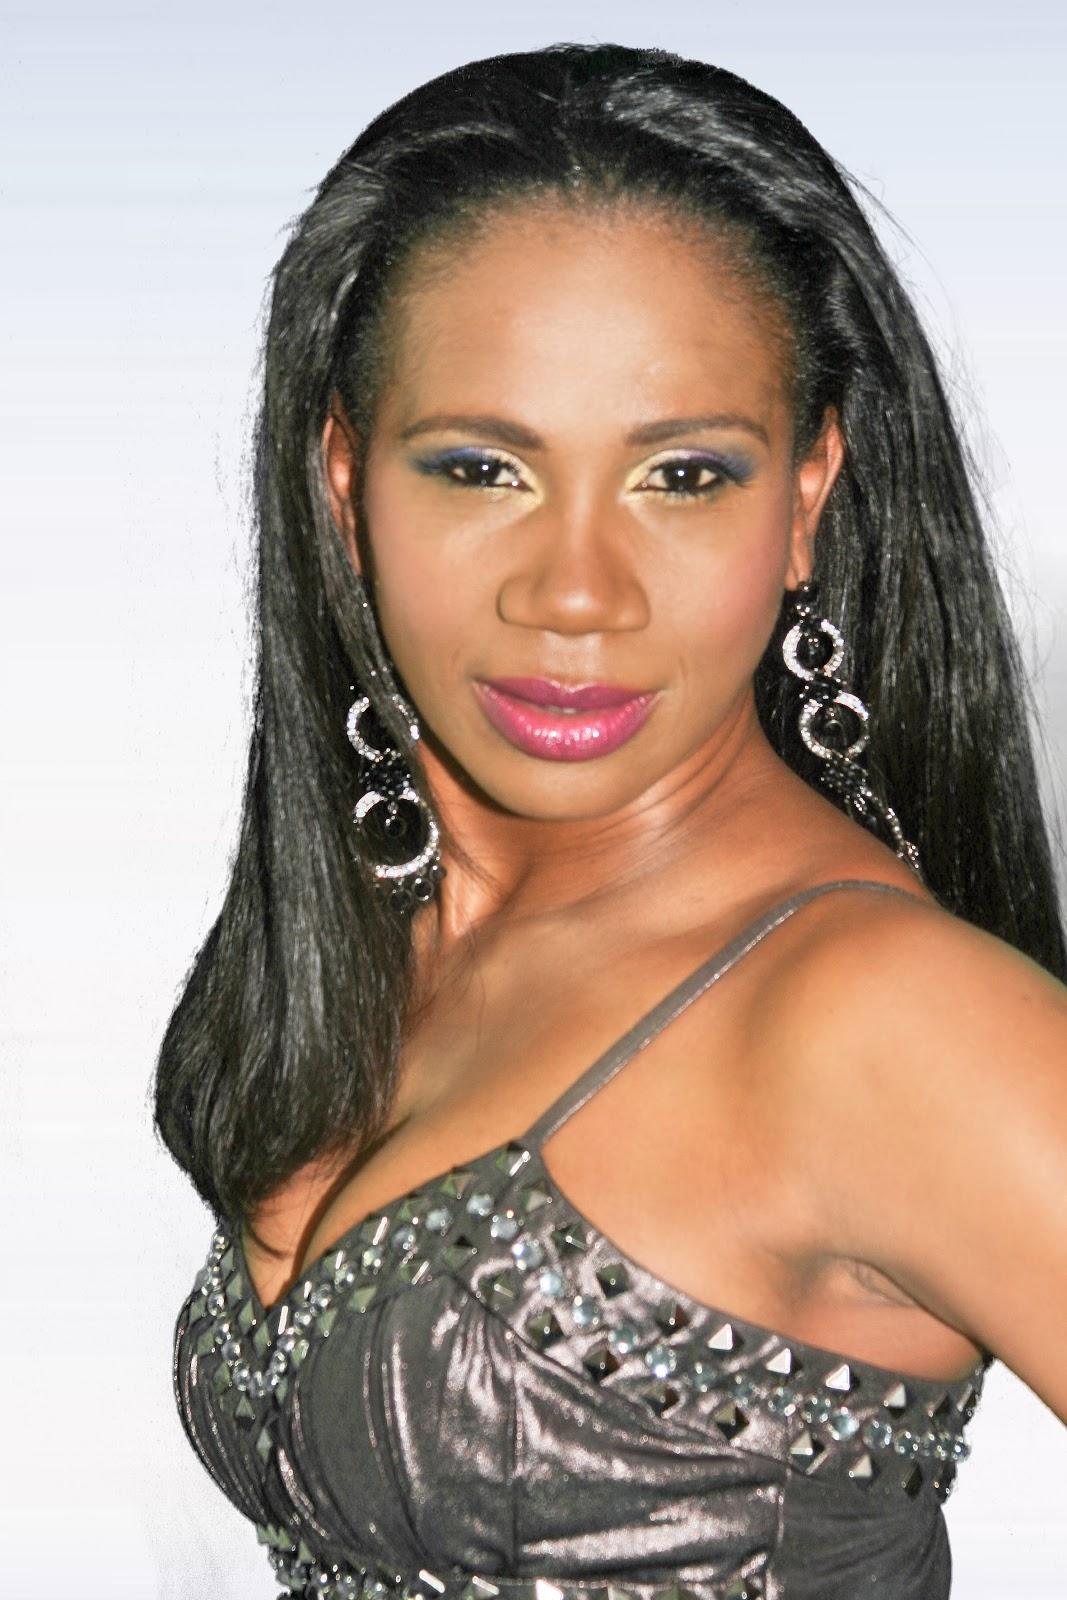 http://2.bp.blogspot.com/-4ONUgznDCJs/T_seWQC723I/AAAAAAAAAFg/8hFkBWiFcBA/s1600/Sophia+Brown+1.jpg